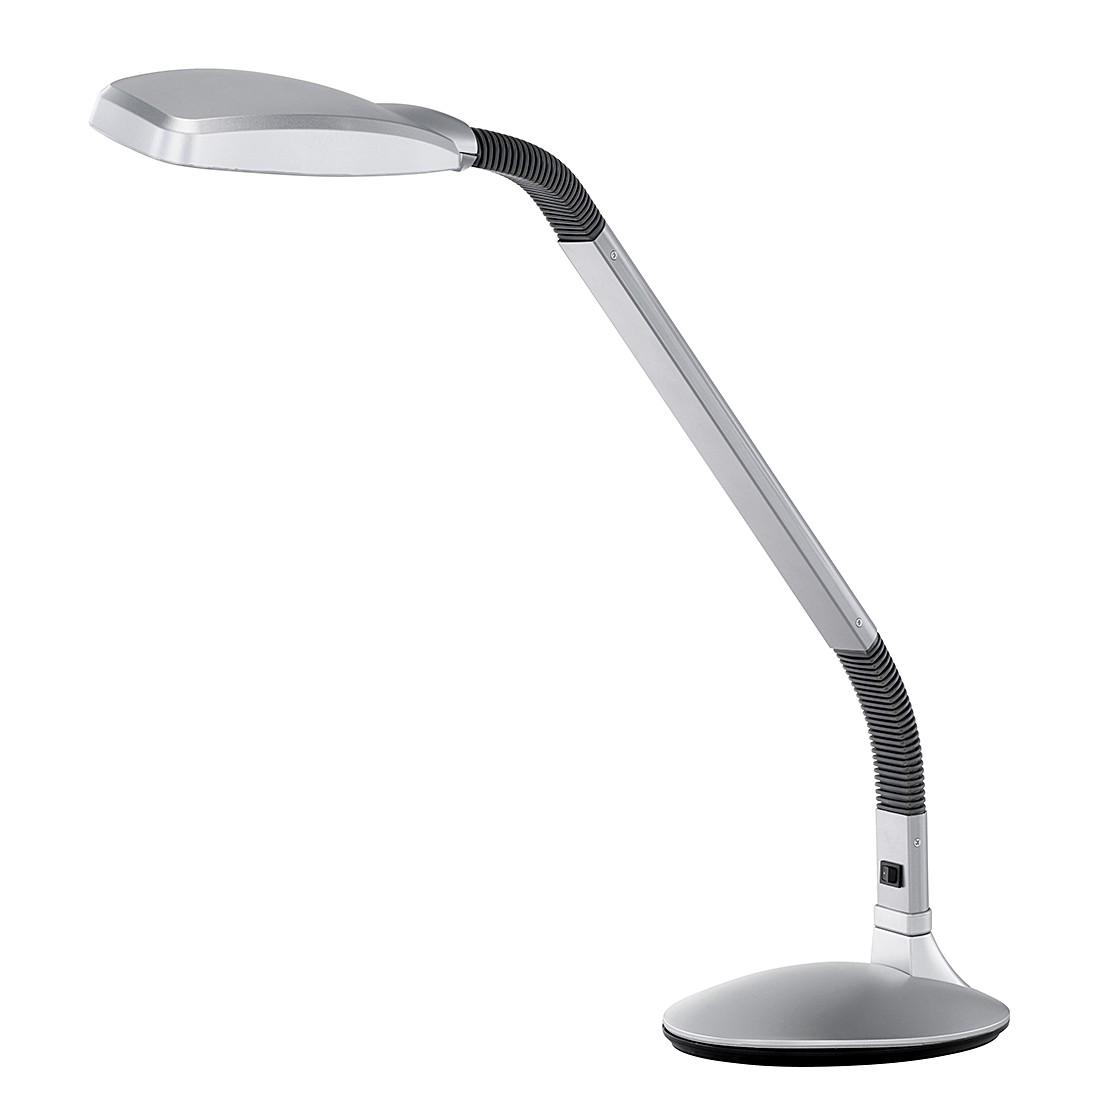 EEK A+, LED-Tischleuchte – Kunststoff – Titan – 1-flammig, Trio bestellen